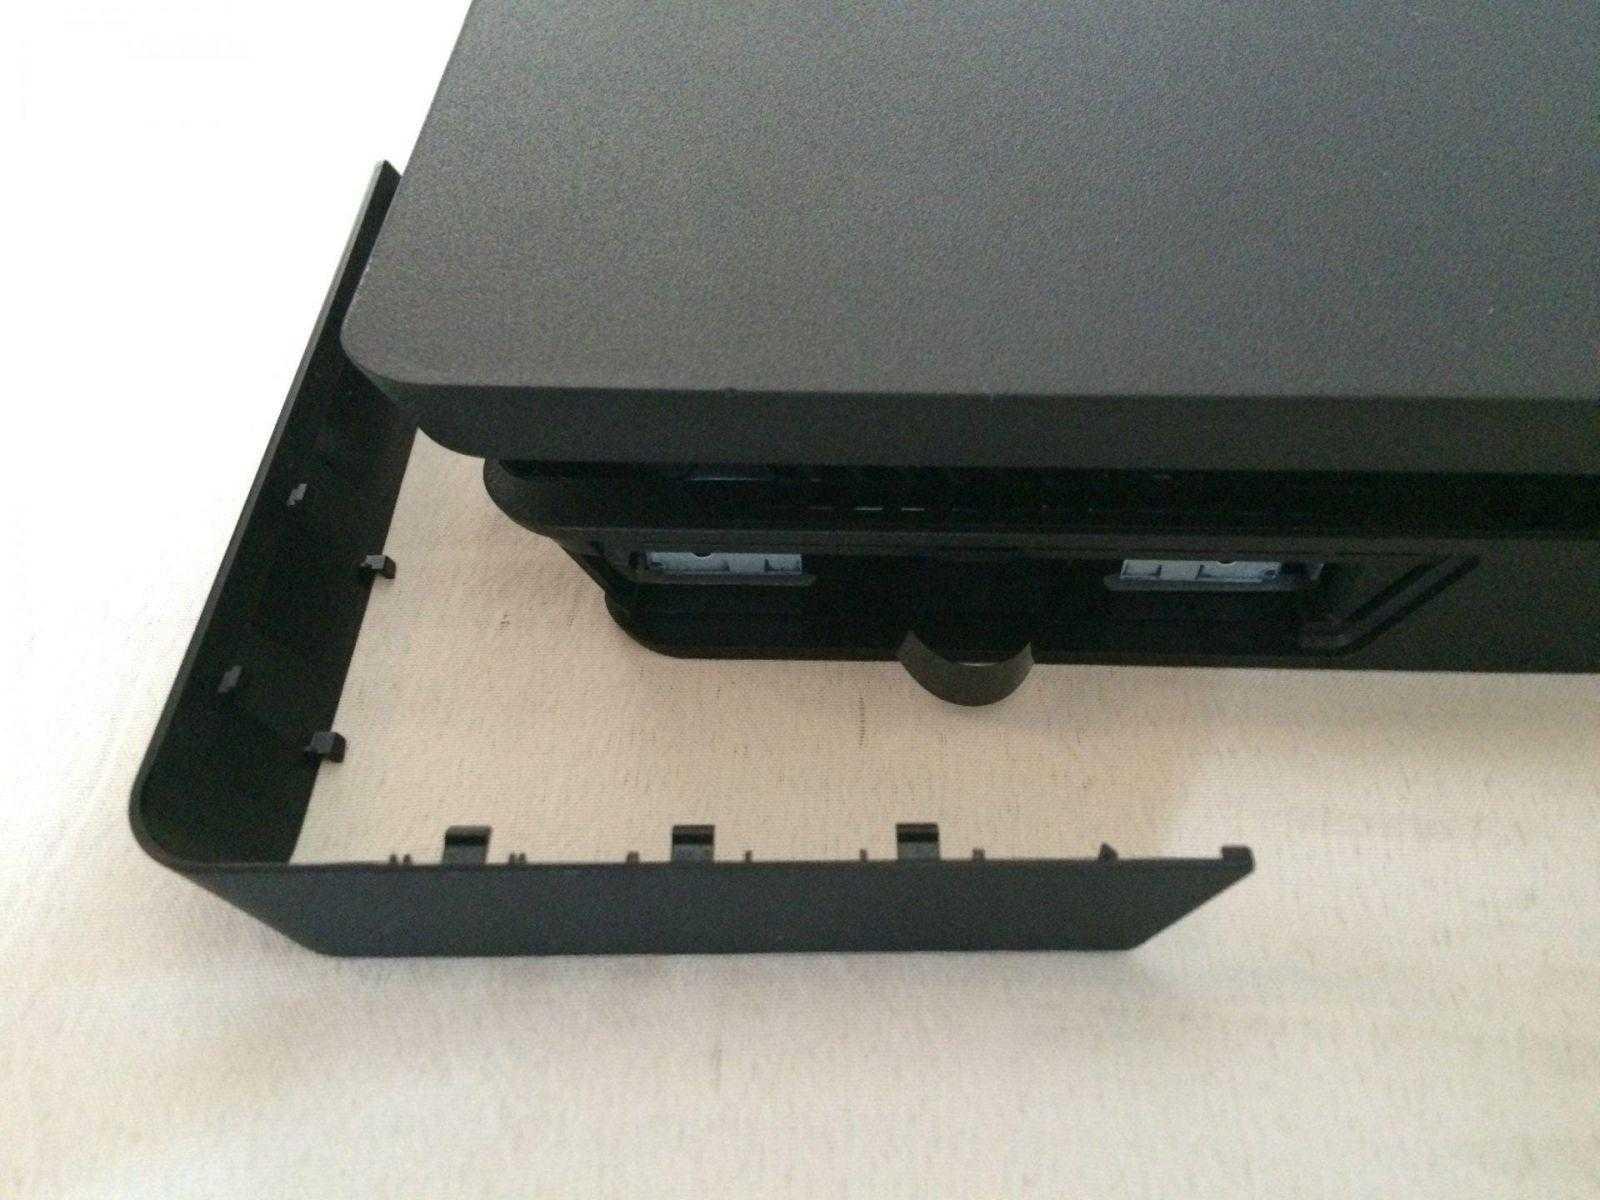 Меньше – не значит хуже. Обзор Sony Playstation 4 Slim (PS4 Slim 4)